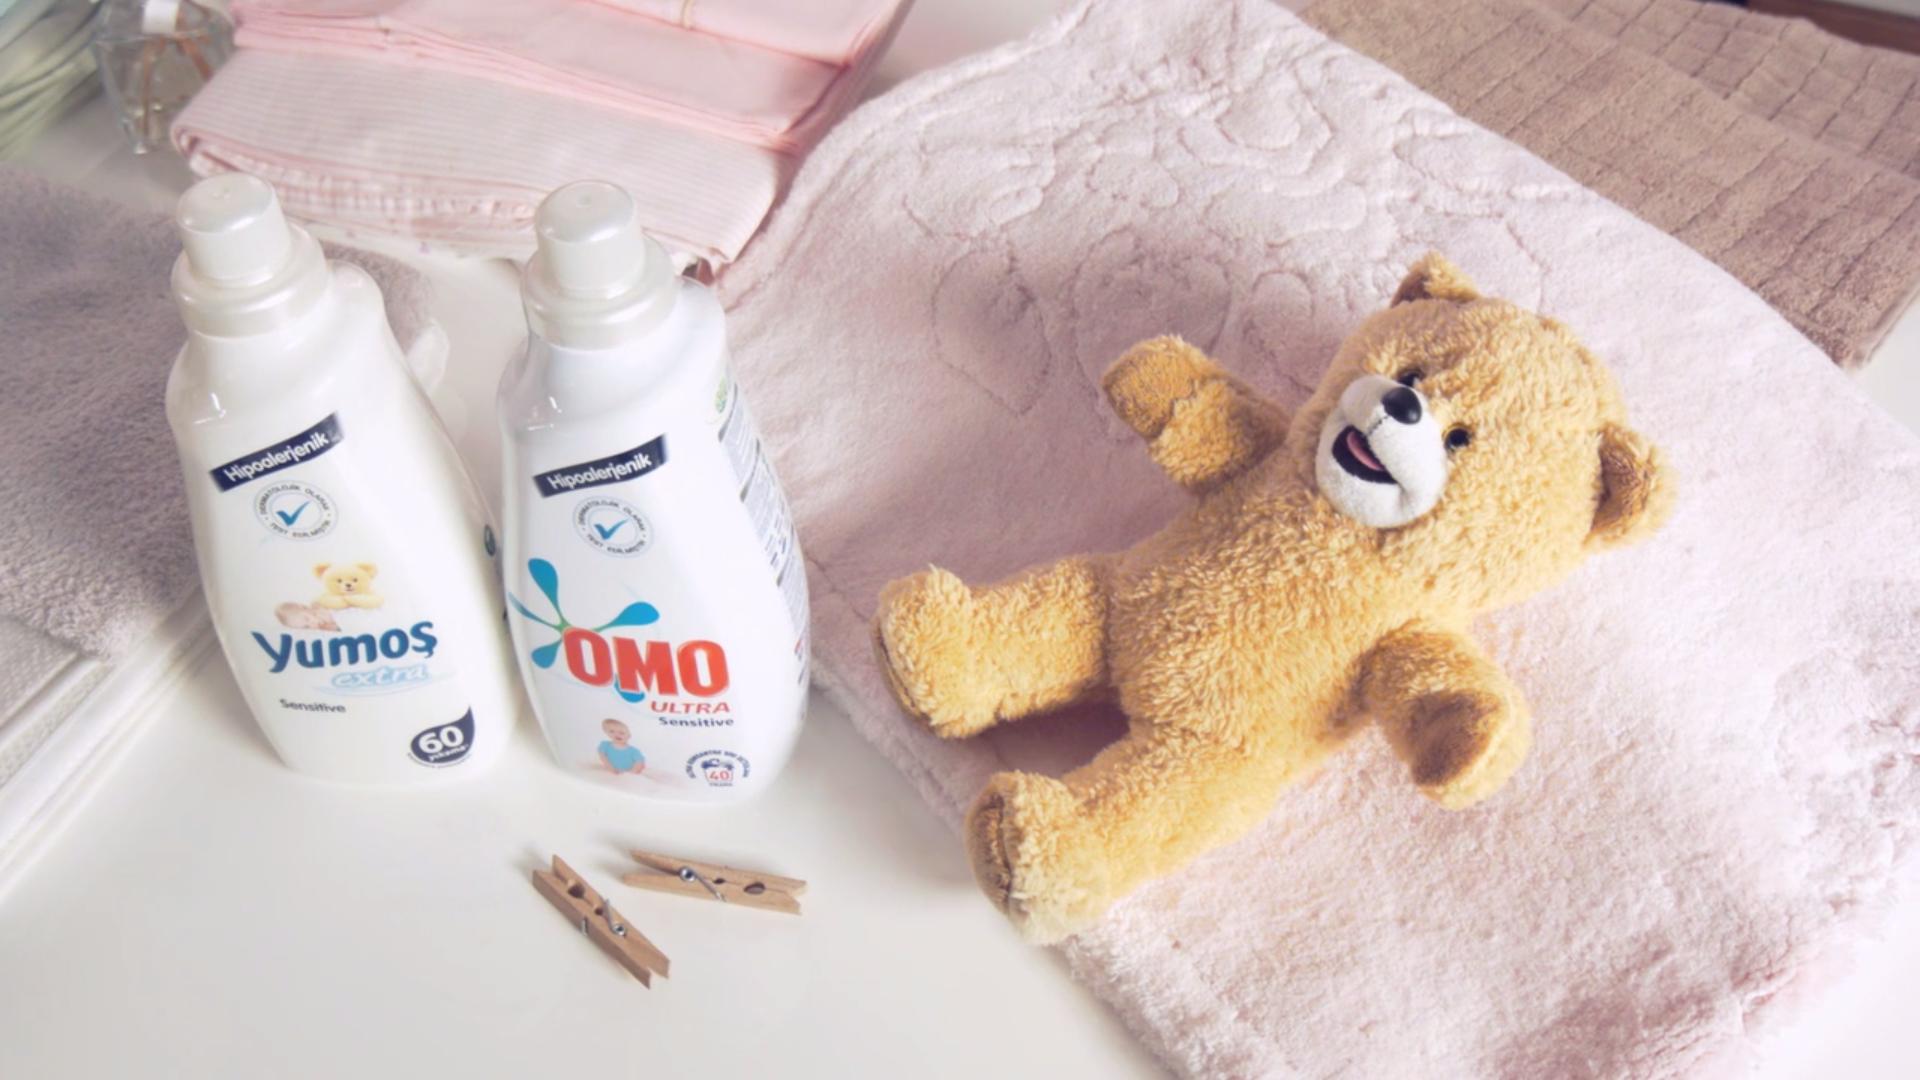 Yumos/Omo - Lull-A-Bear